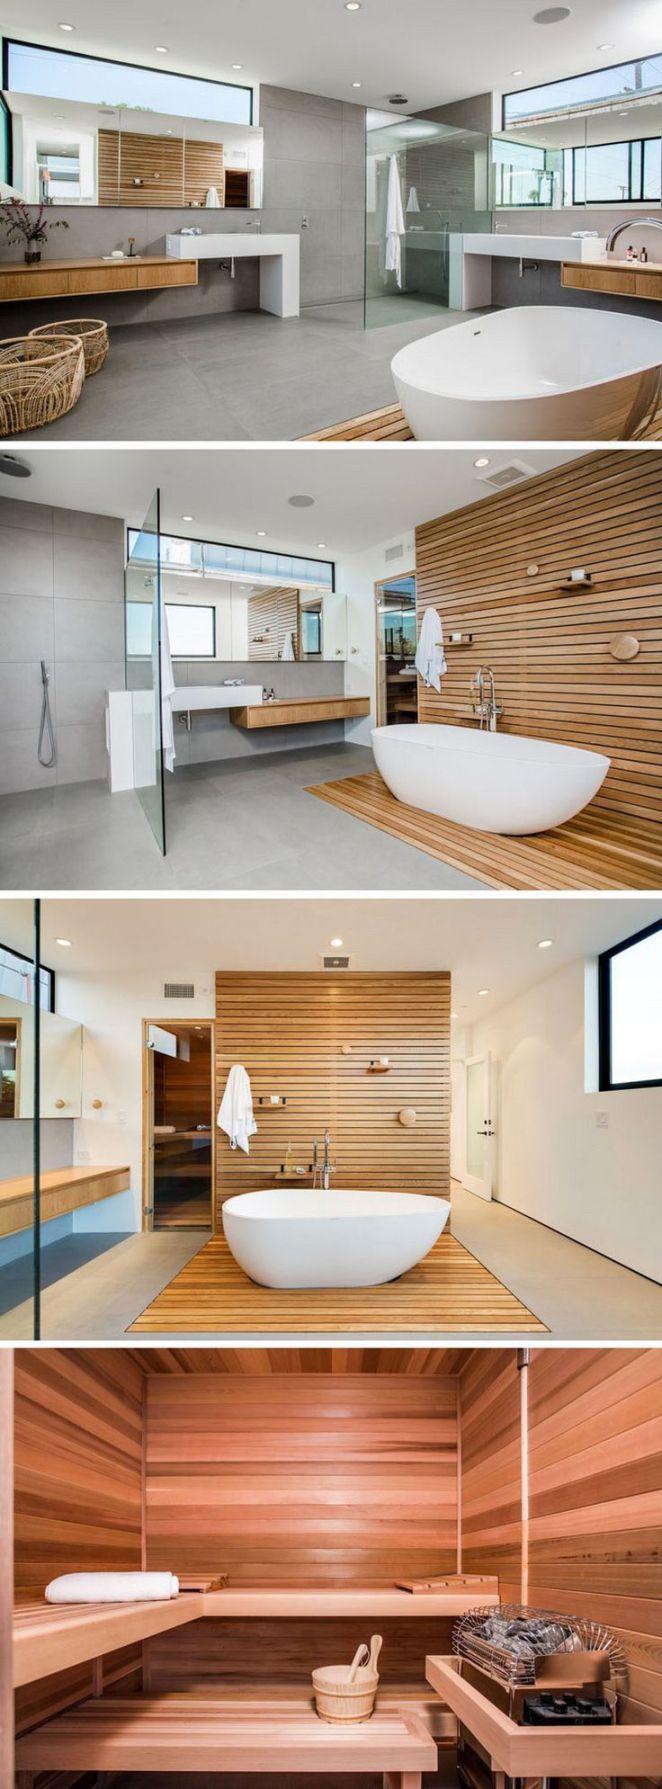 Idée décoration Salle de bain meubles scandinaves vintage dans la salle de bains parement en bois et baignoir